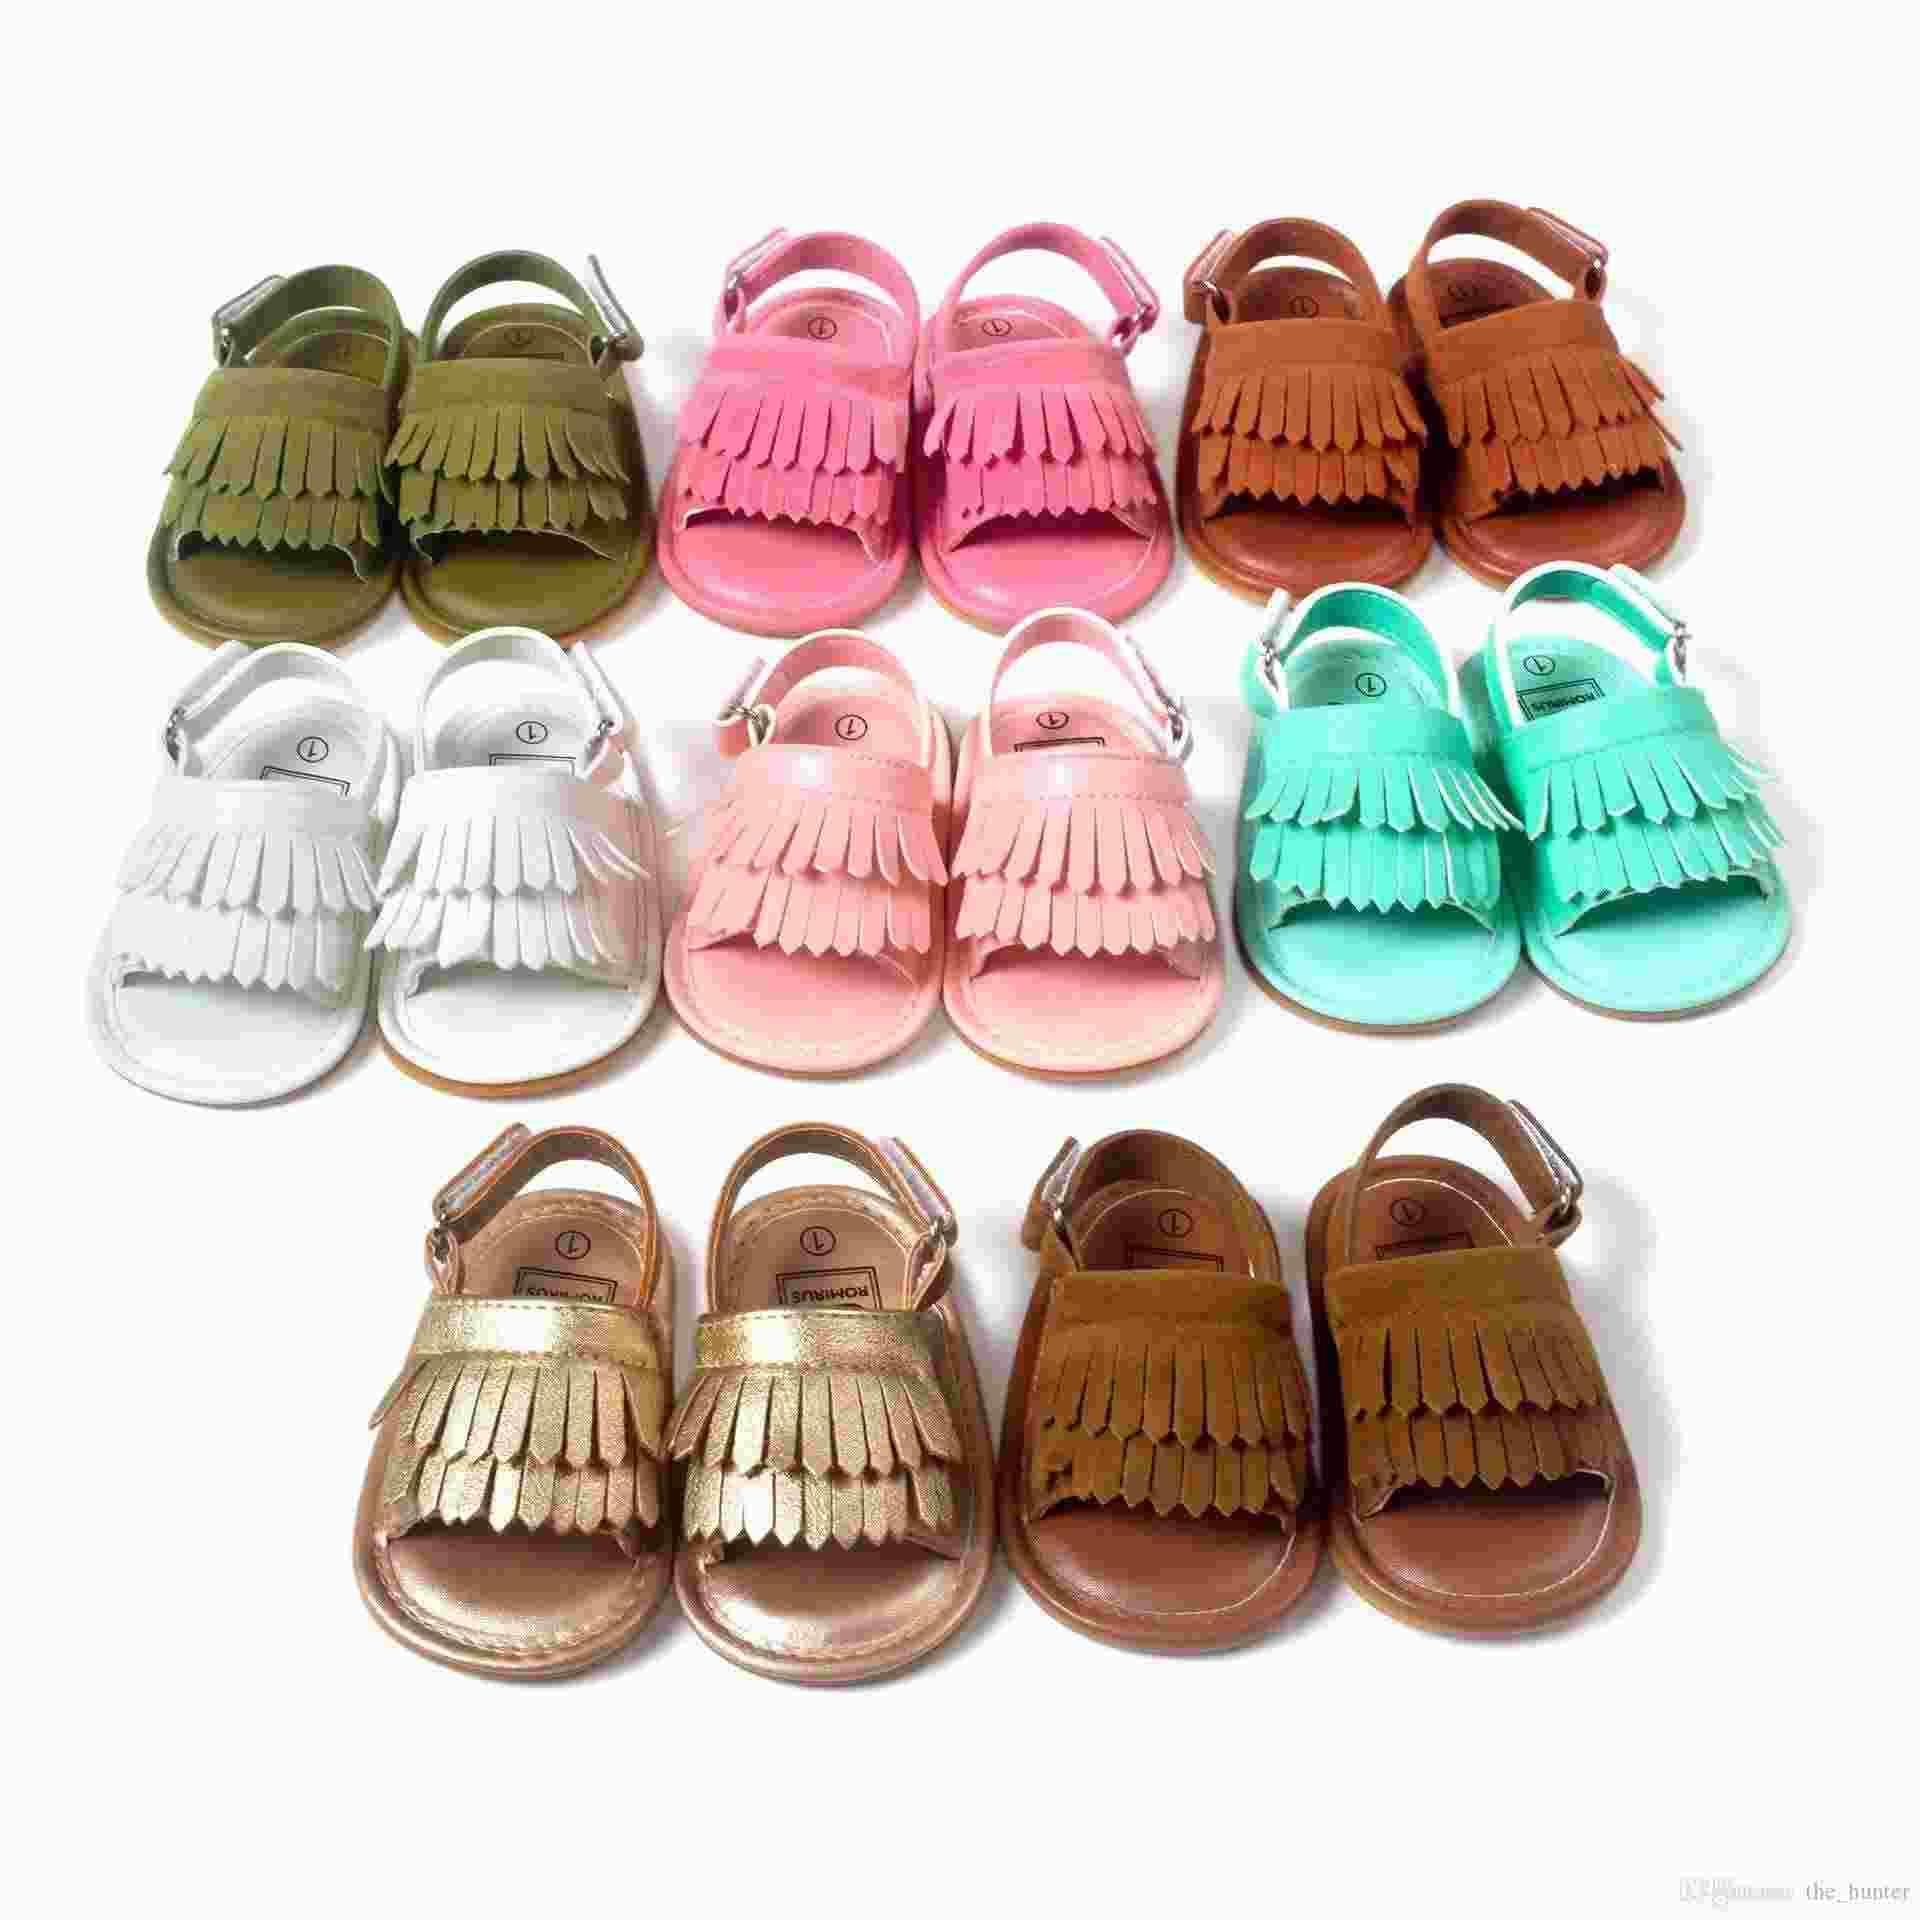 Sommer Kleinkind Junge Schuhe Solide Und Blume Mädchen Schuhe Mode Und Schöne Kinder Schuh Newborn Schuh Mit Pu Babyschuhe Lederschuhe